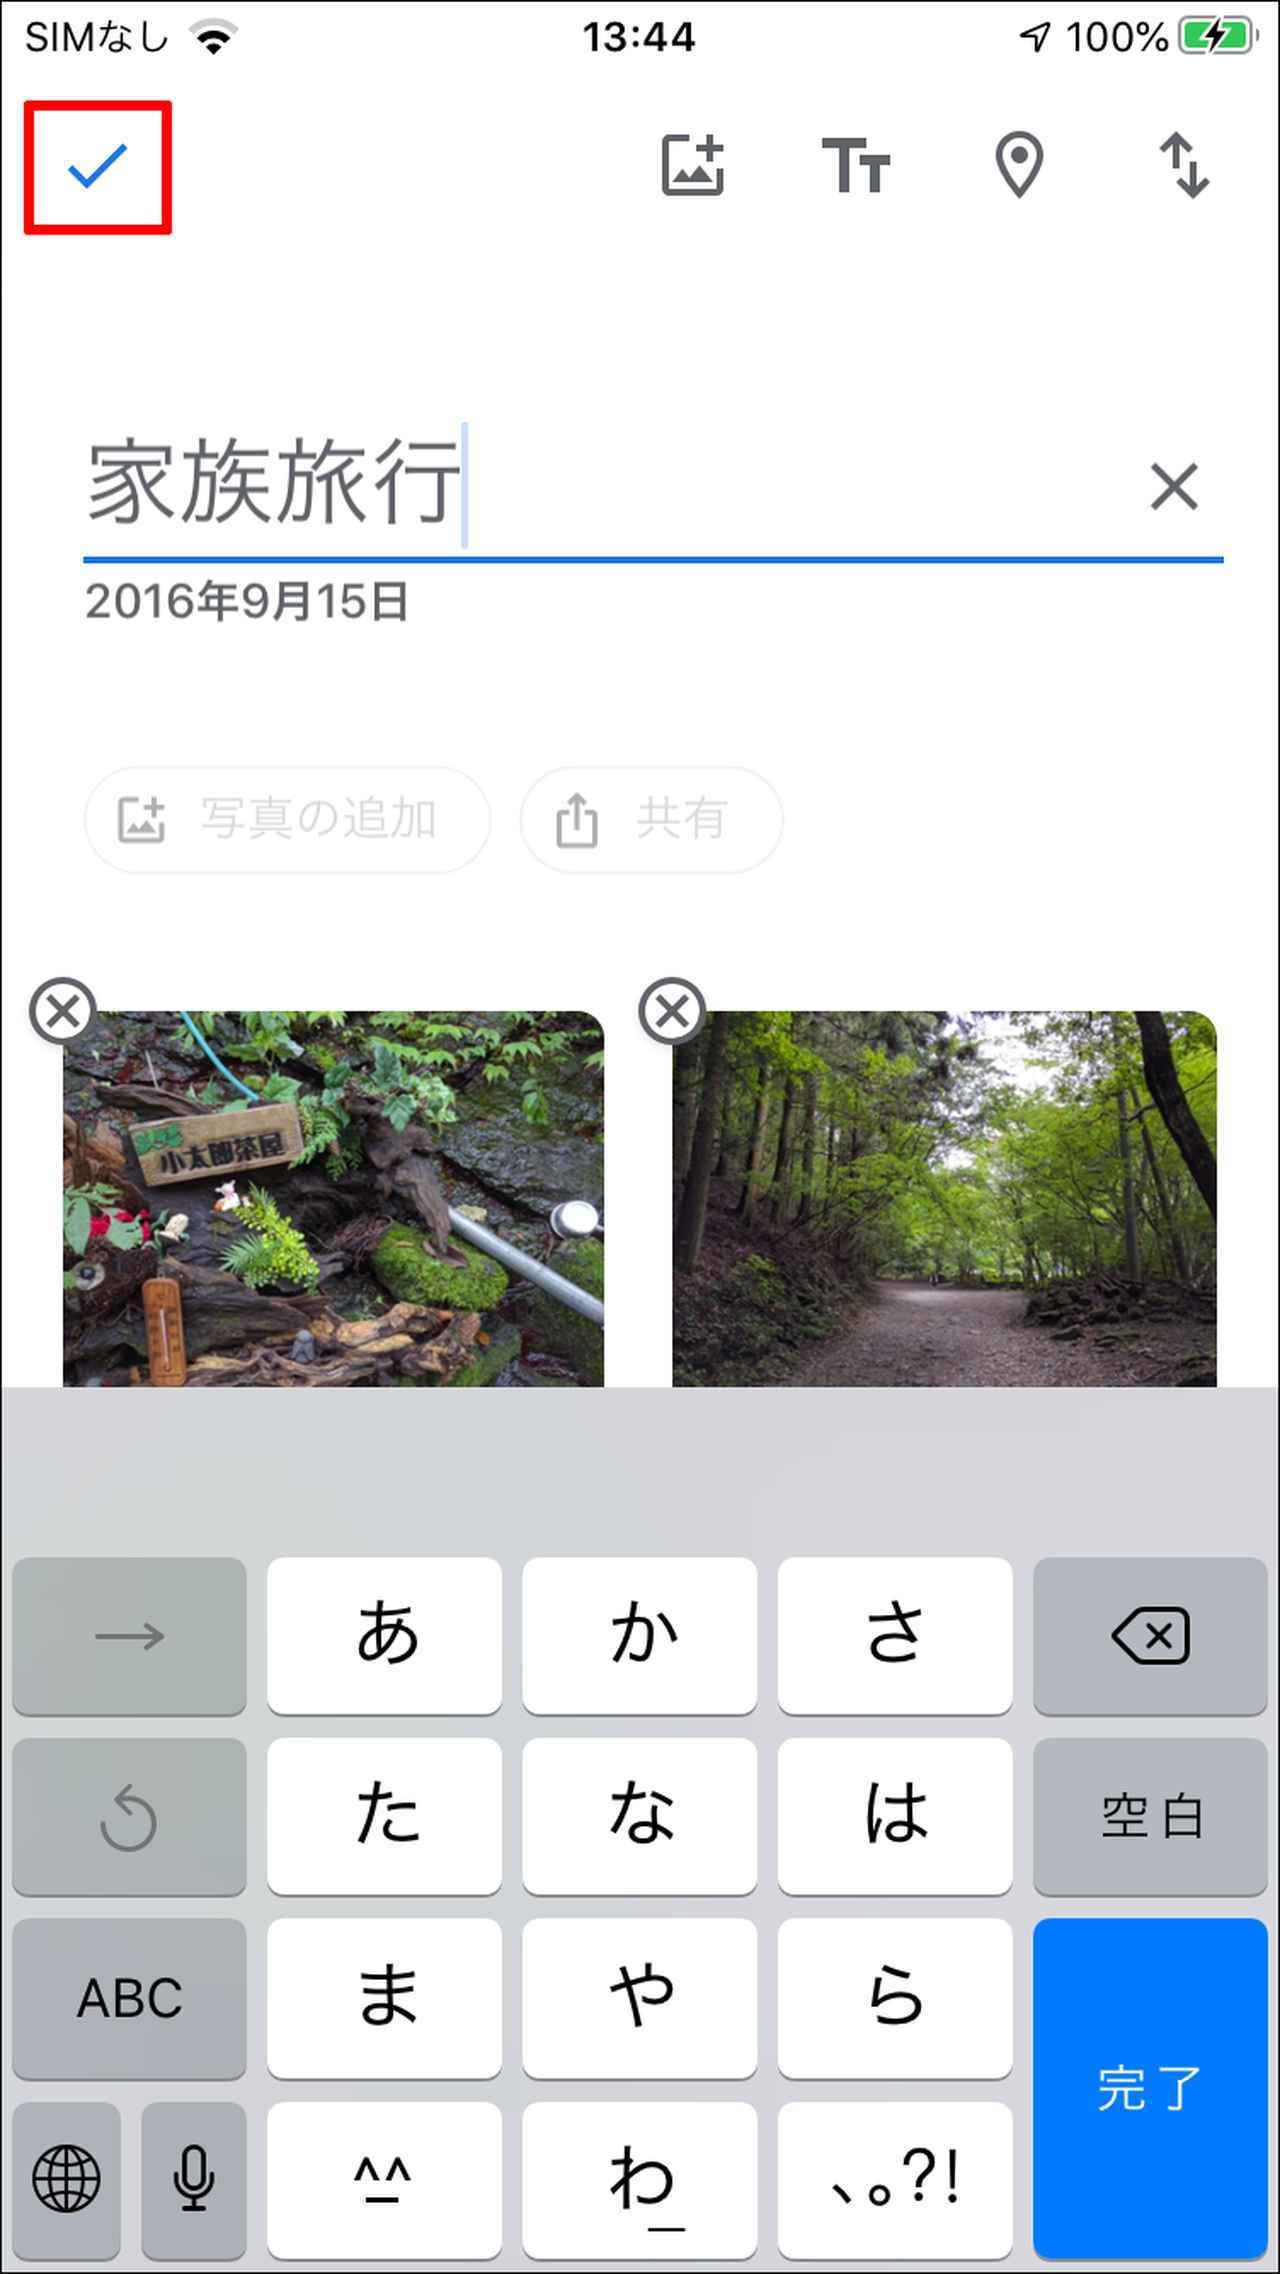 画像6: 【Googleフォト】有料化後にとるべき3つの選択肢とは?2021年5月末で無料の高画質・容量無制限バックアップが廃止